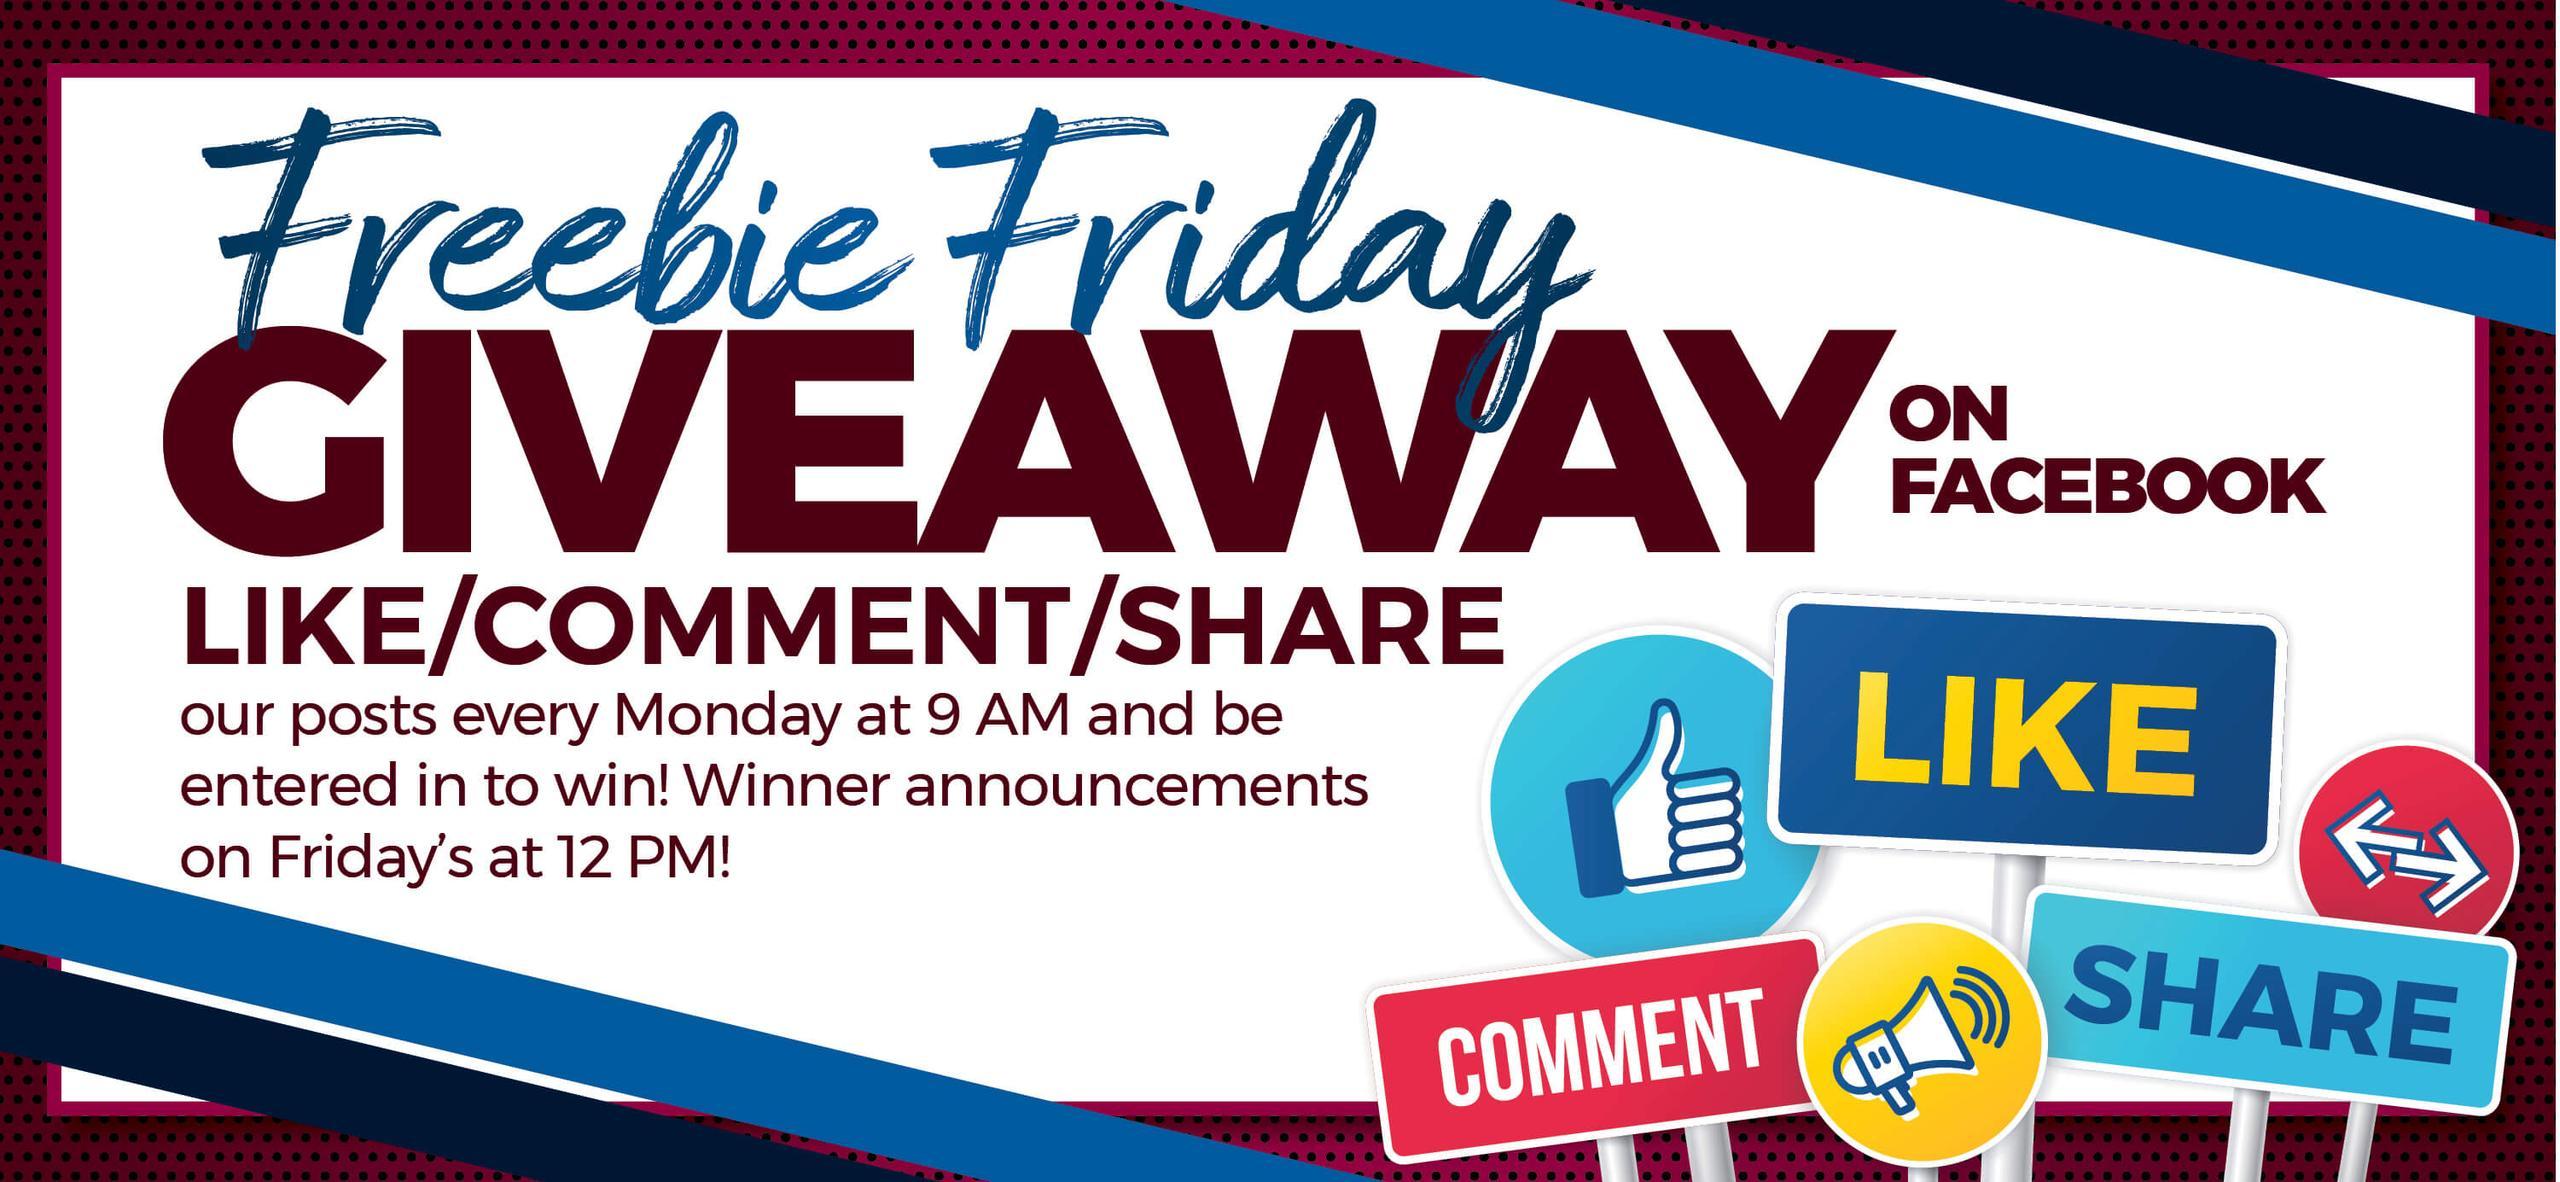 Freebie Fridays on Facebook